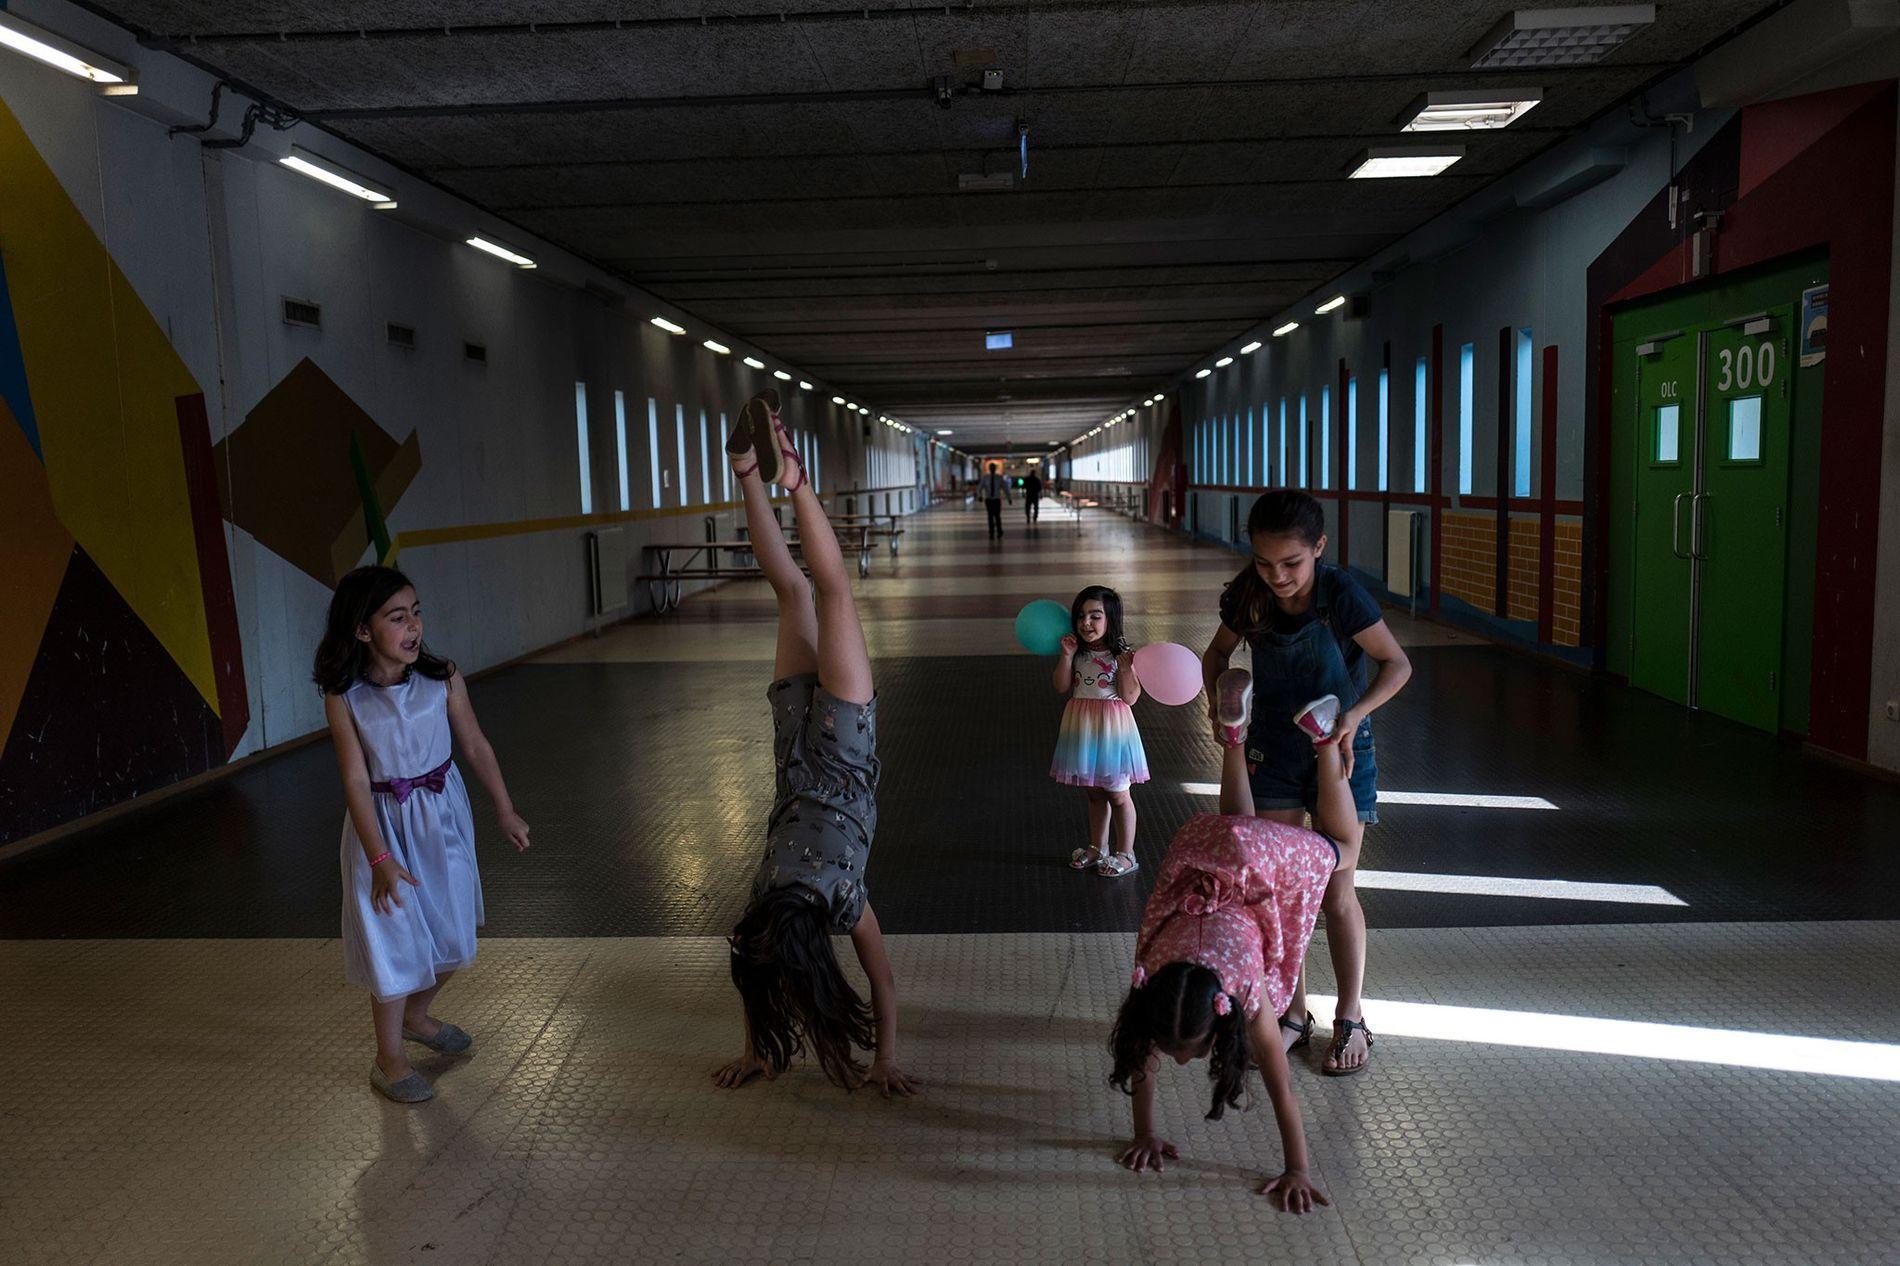 Des jeunes filles syriennes jouent au ballon dans le hall Kalverstraat, du nom d'une rue commerçante connue d'Amsterdam. De gauche à droite : Shahd Alamar, 8 ans, Lana Alkhawaja, 9 ans, Maya Alamar, 4 ans, tenant des ballons, Amal Sakkal, 8 ans et Hala Alhalaby, 8 ans.